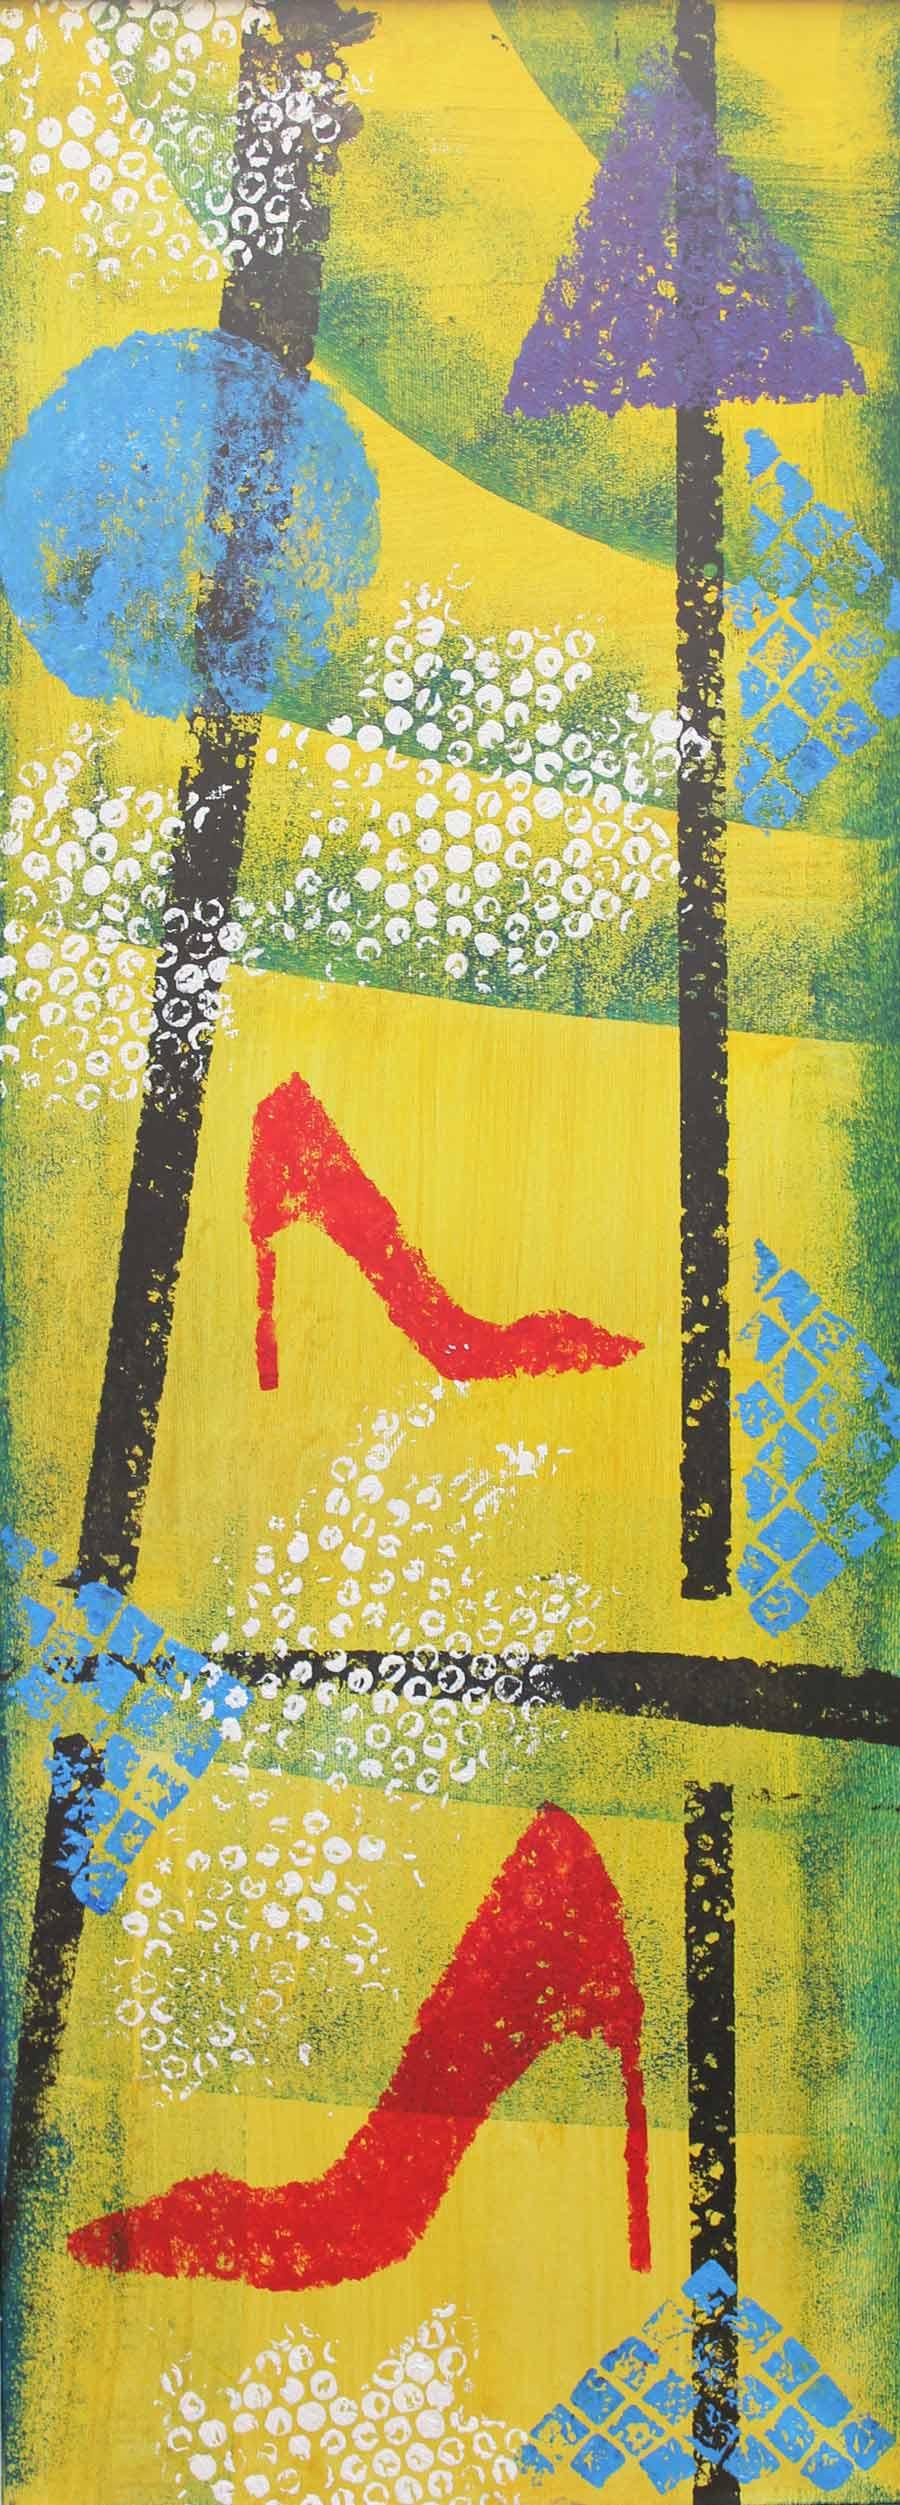 Le mie scarpette - Tecnica mista - cm 30 x 80